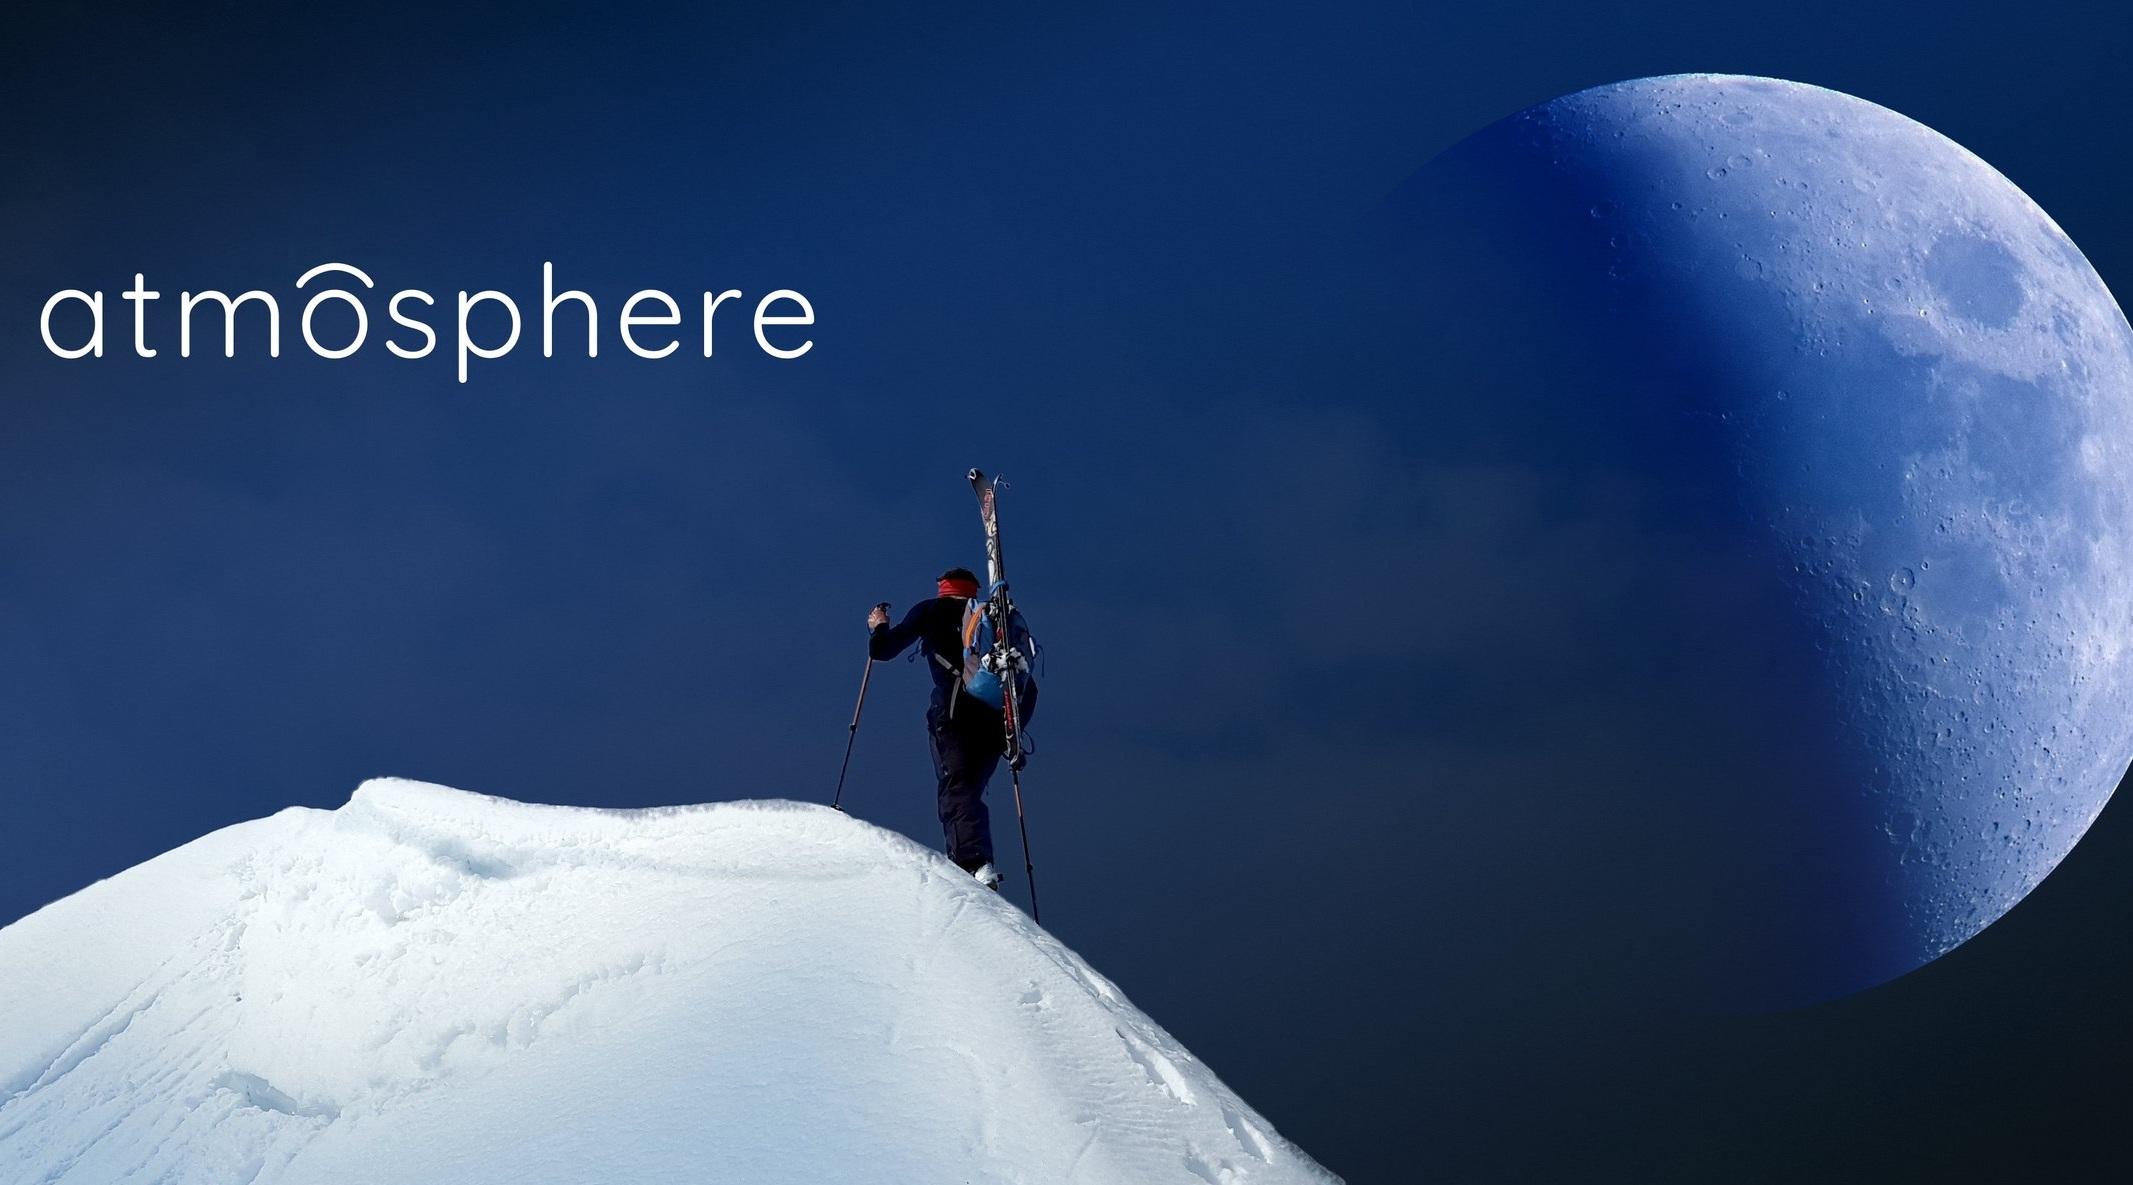 atmosphereweb.jpg